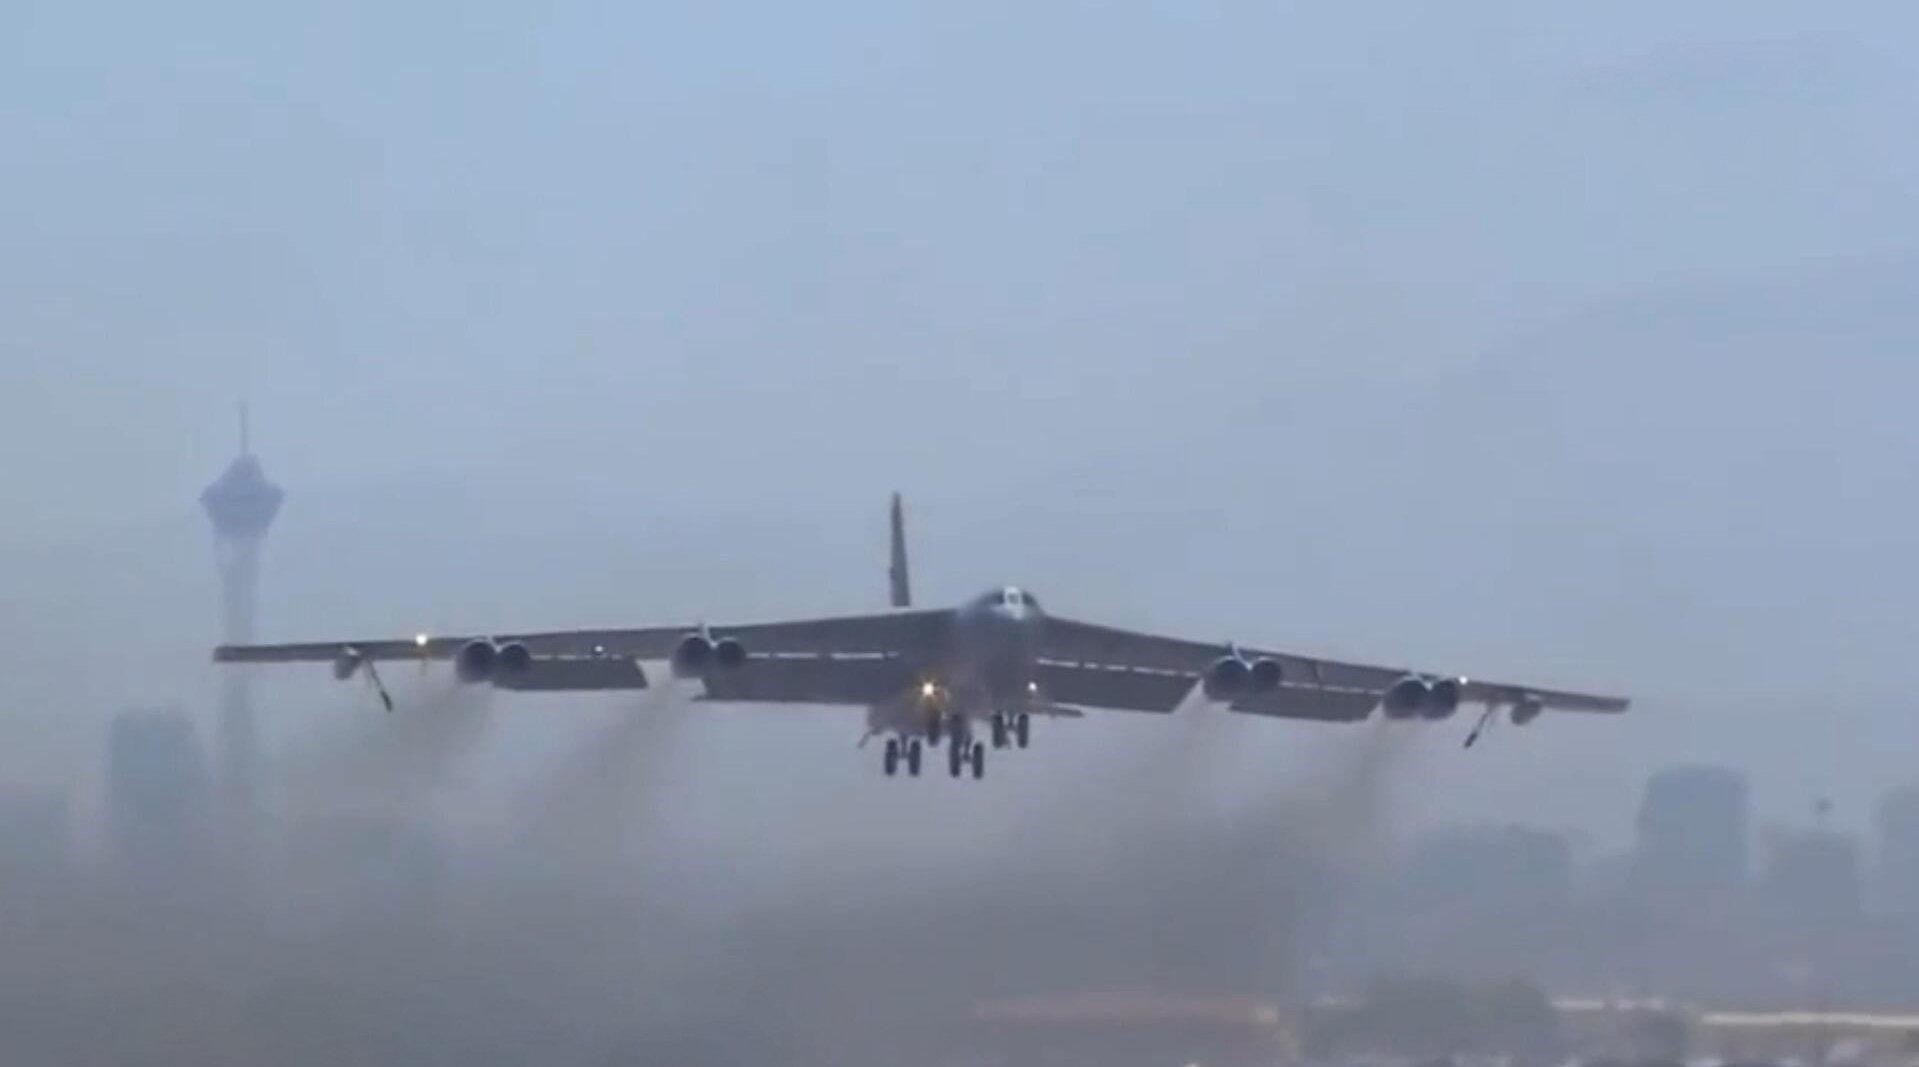 美军B-52战略轰炸机,运用八台发动机的动力,起飞瞬间果然霸气!